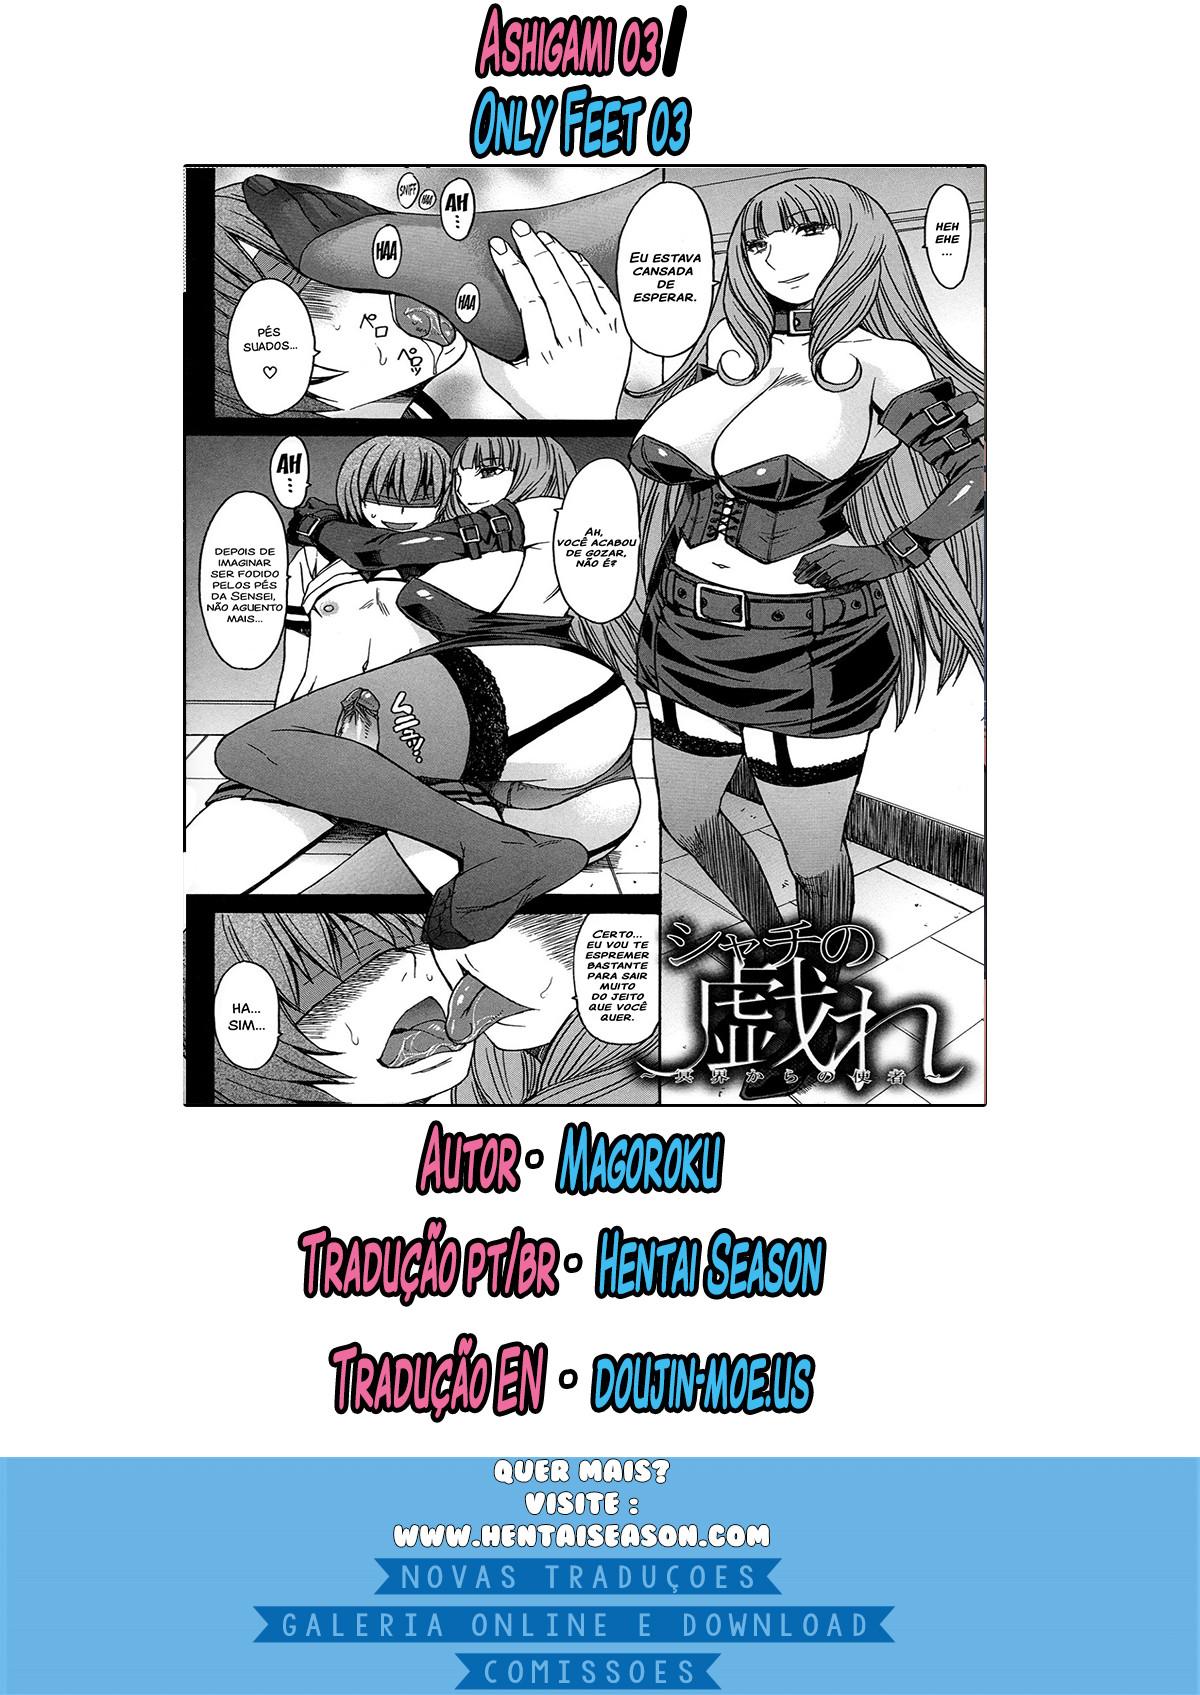 Ashigami Capitulo 3 - pagina 41